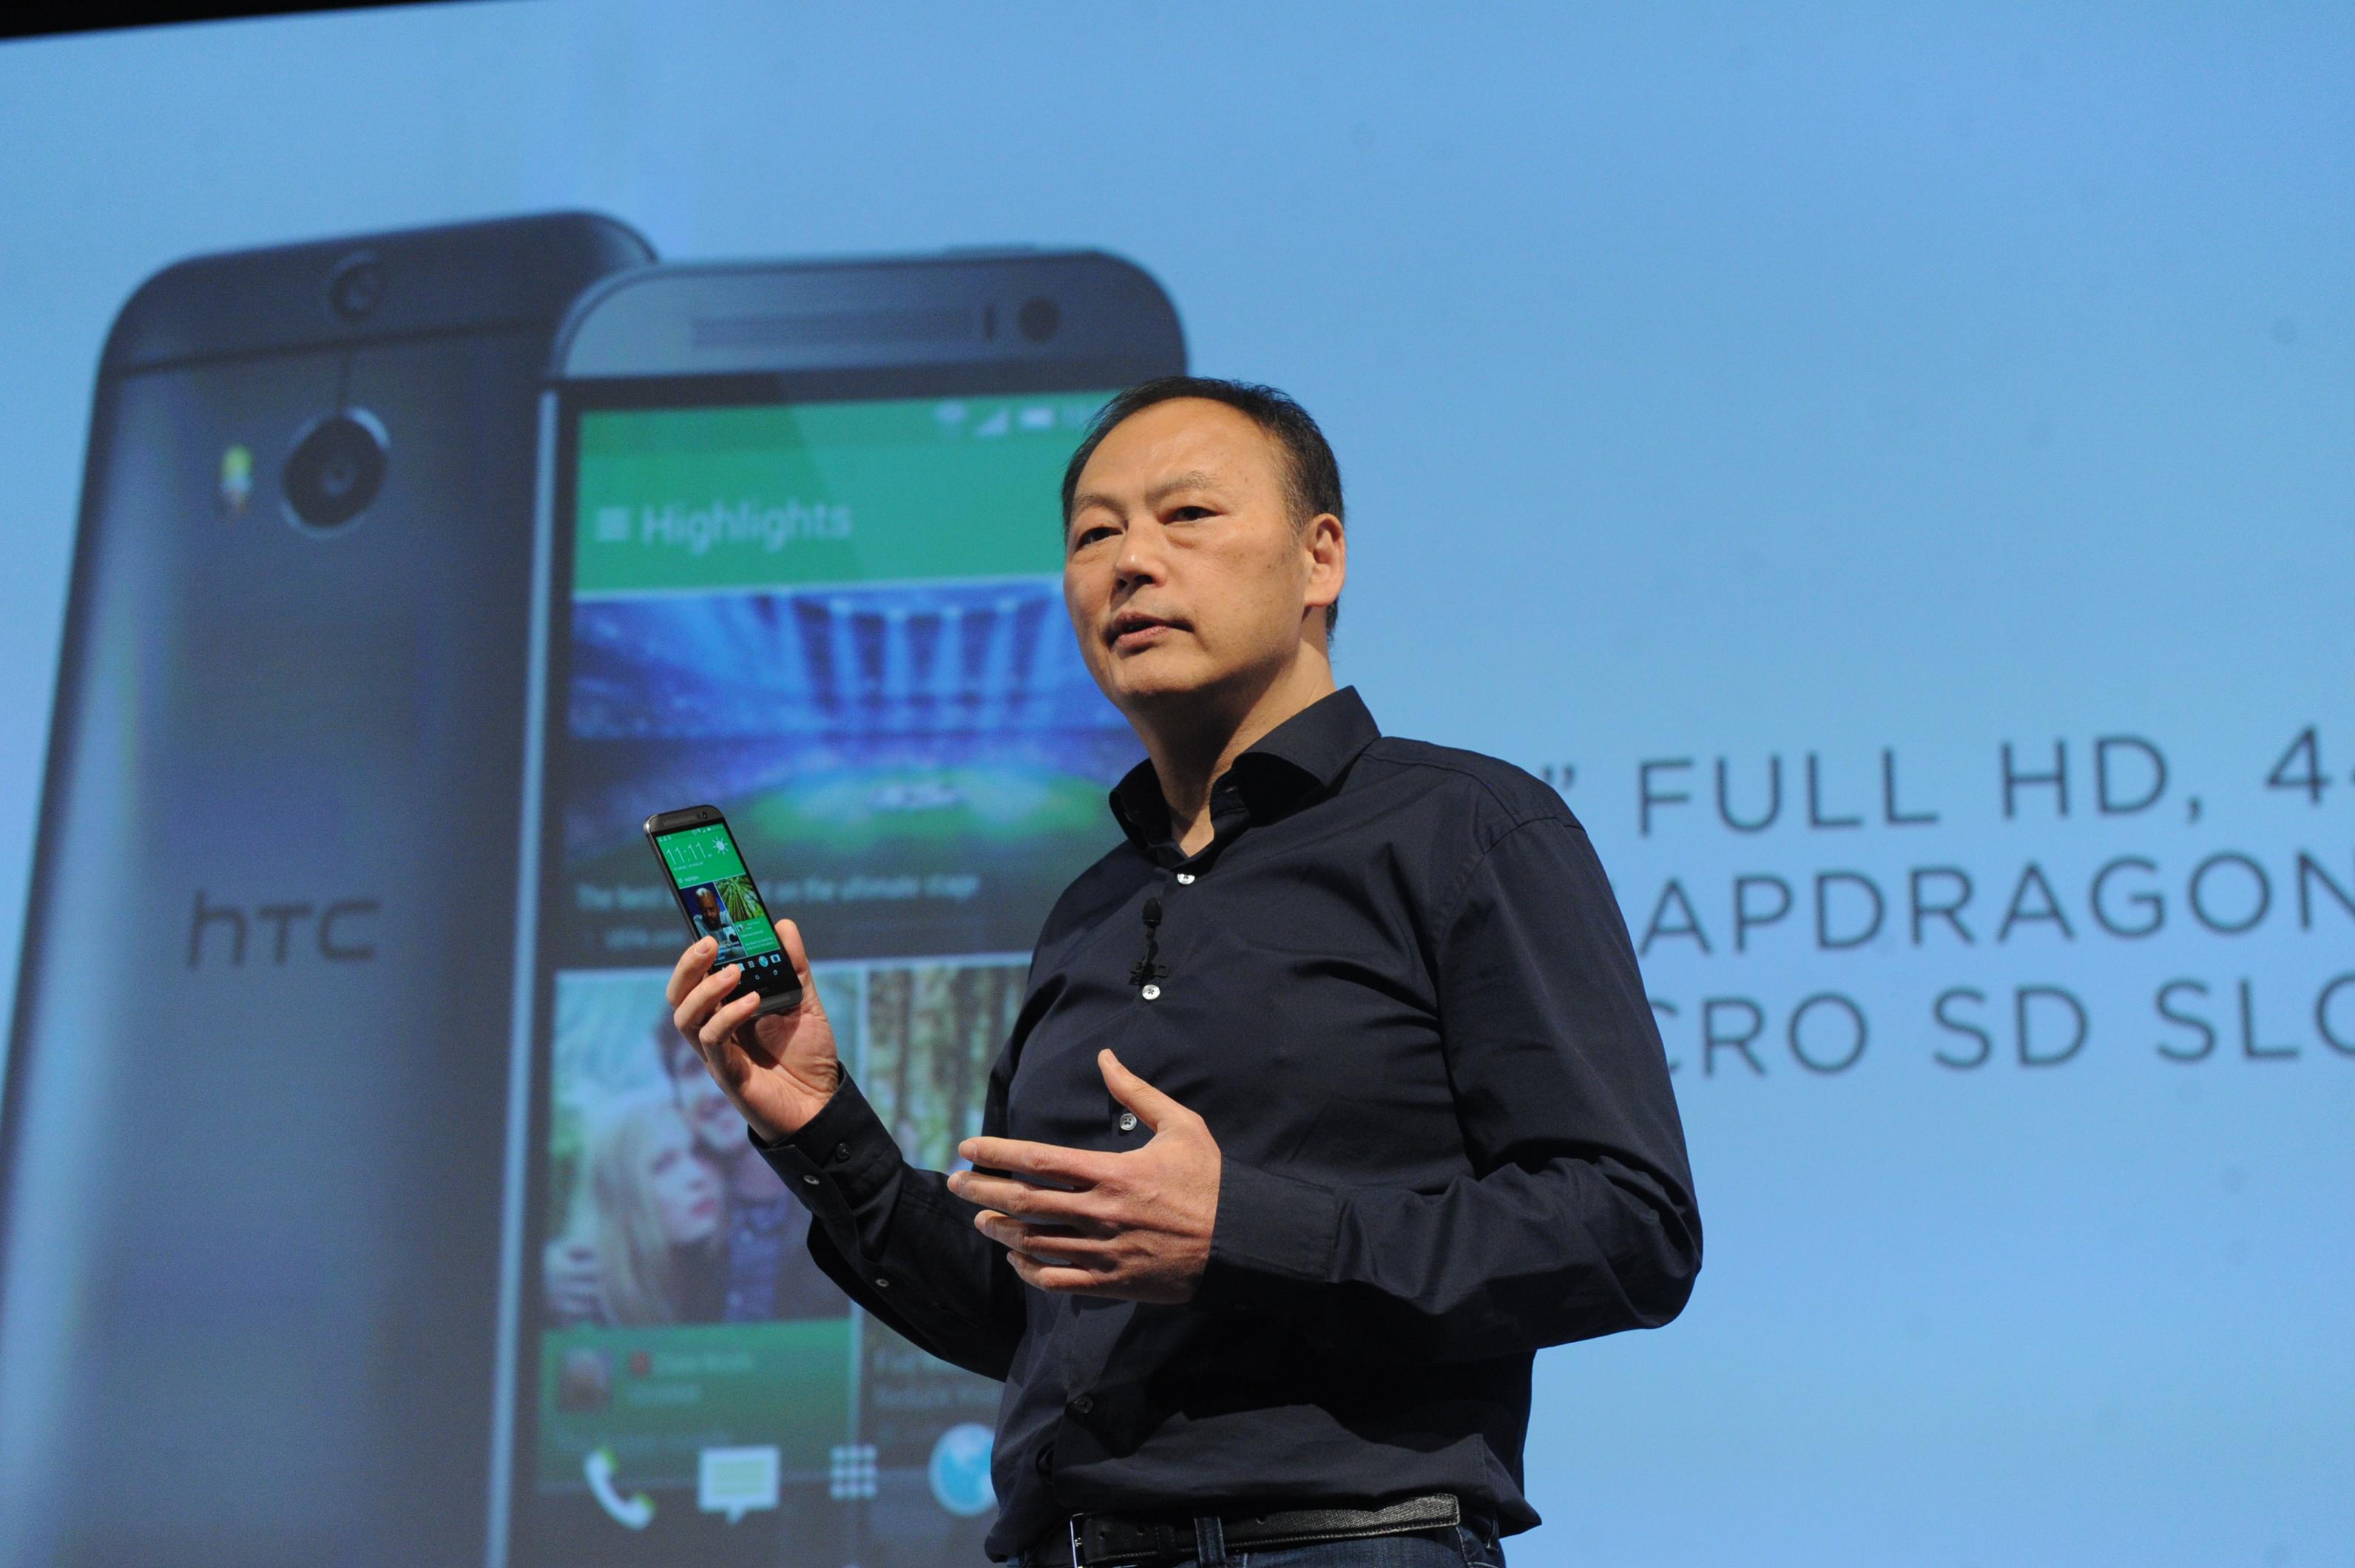 圖說一:HTC執行長周永明昨(25)日親臨美國紐約主持HTC One (M8)全球發表會,推出頂級工藝的金屬設計、全球首款Duo景深相機以及直覺化的Motion Launch手勢啟動,將智慧型手機的外型設計、拍攝與使用者體驗提升到全新境界。